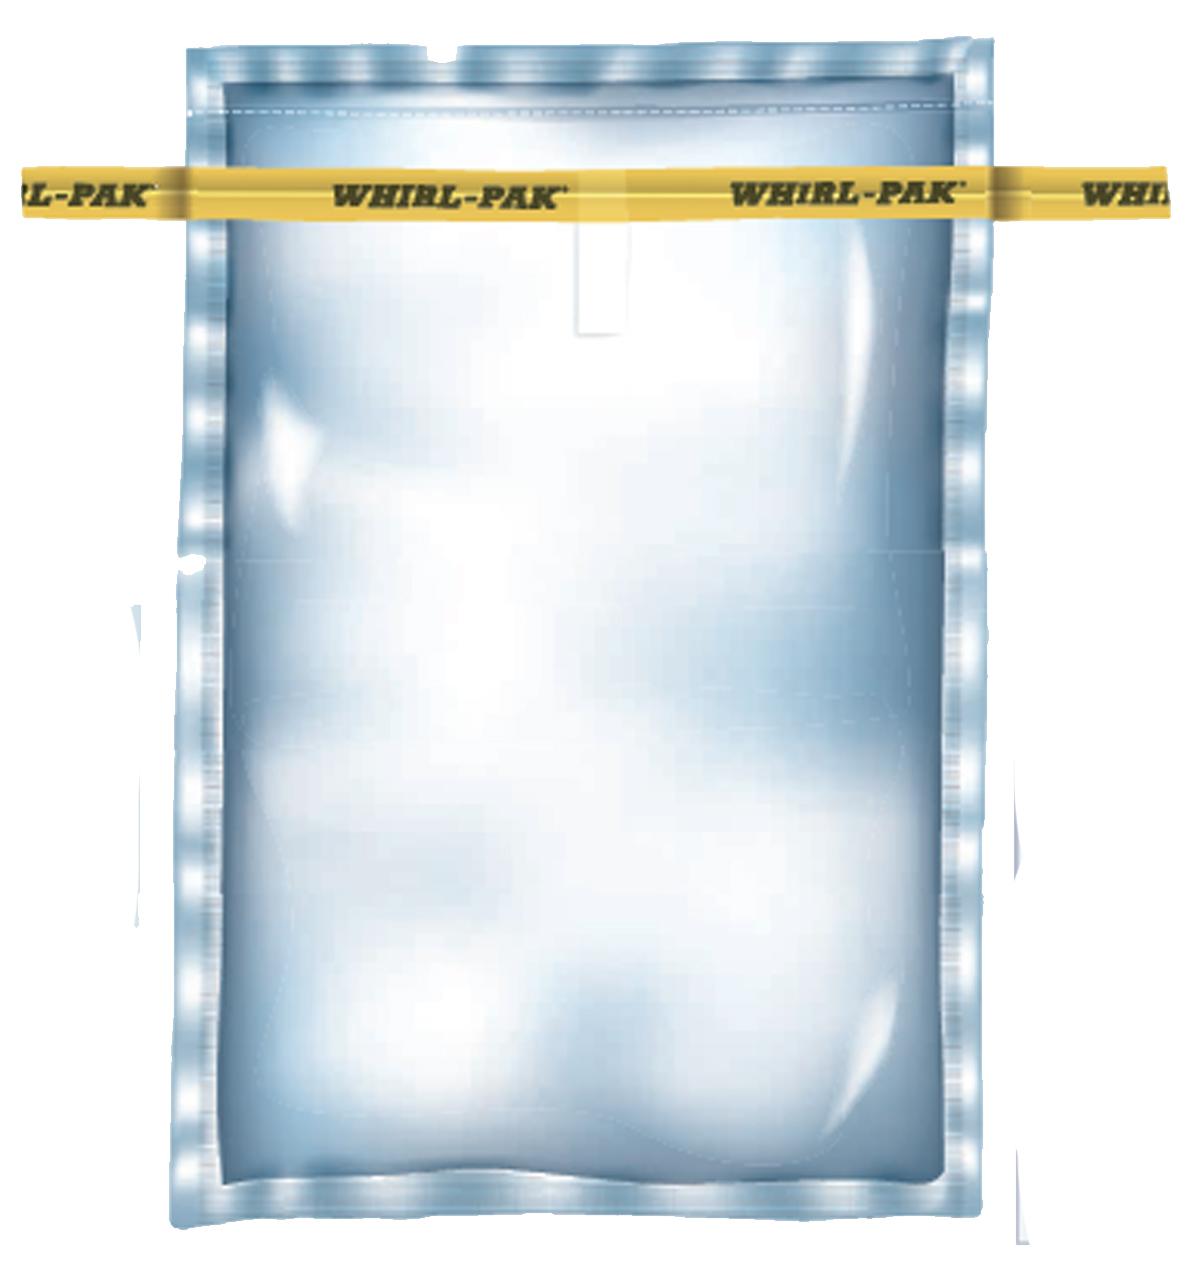 Стерильные пакеты для отбора проб Whirl-Pak стандарт